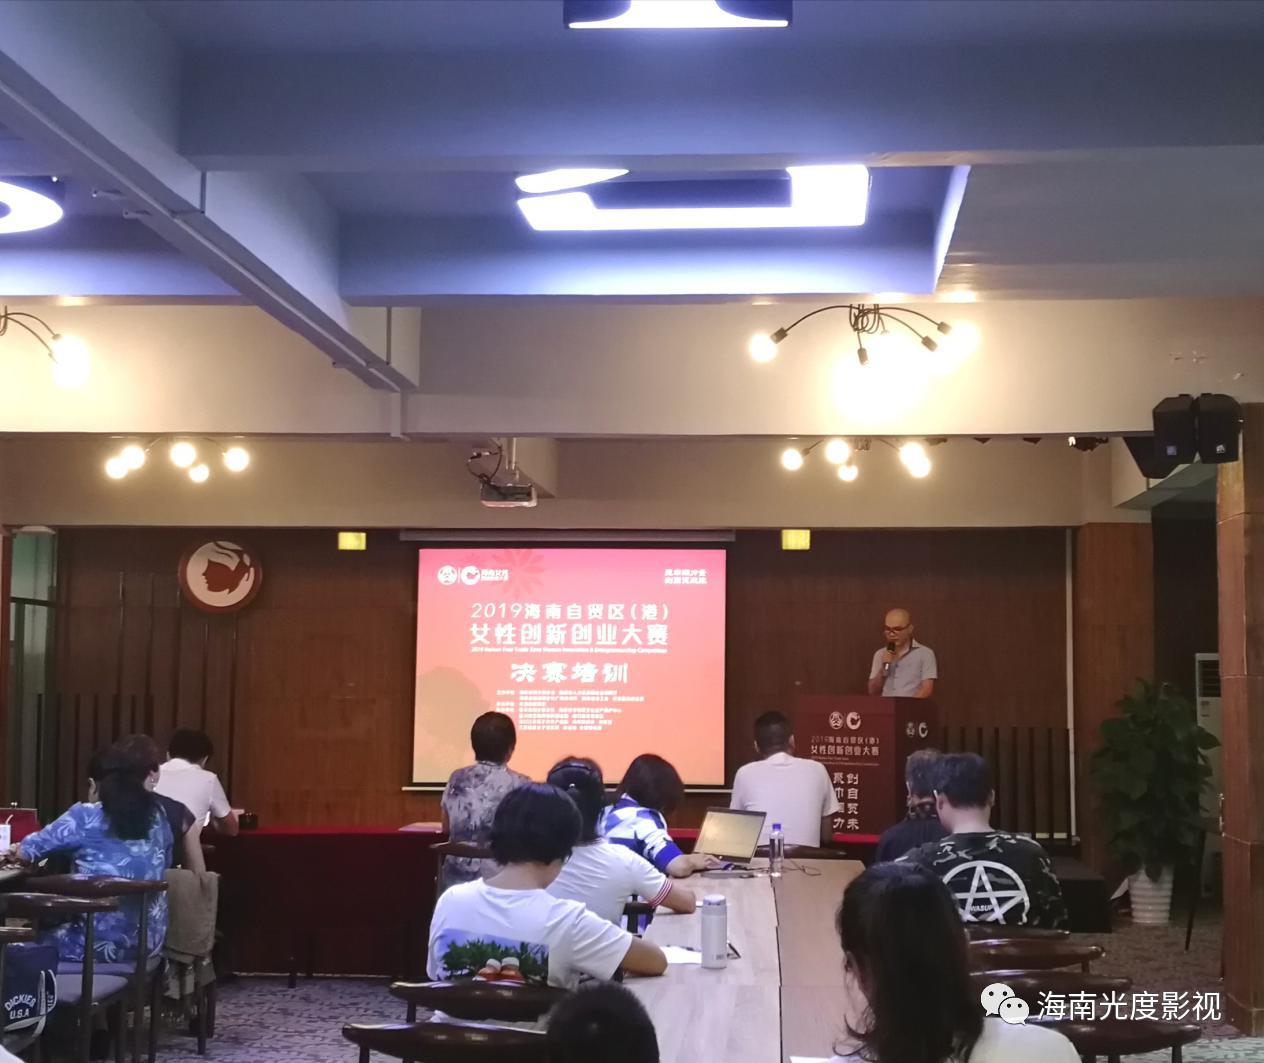 备战决赛! 2019海南自贸区(港)女性创新创业大赛决赛培训圆满收官